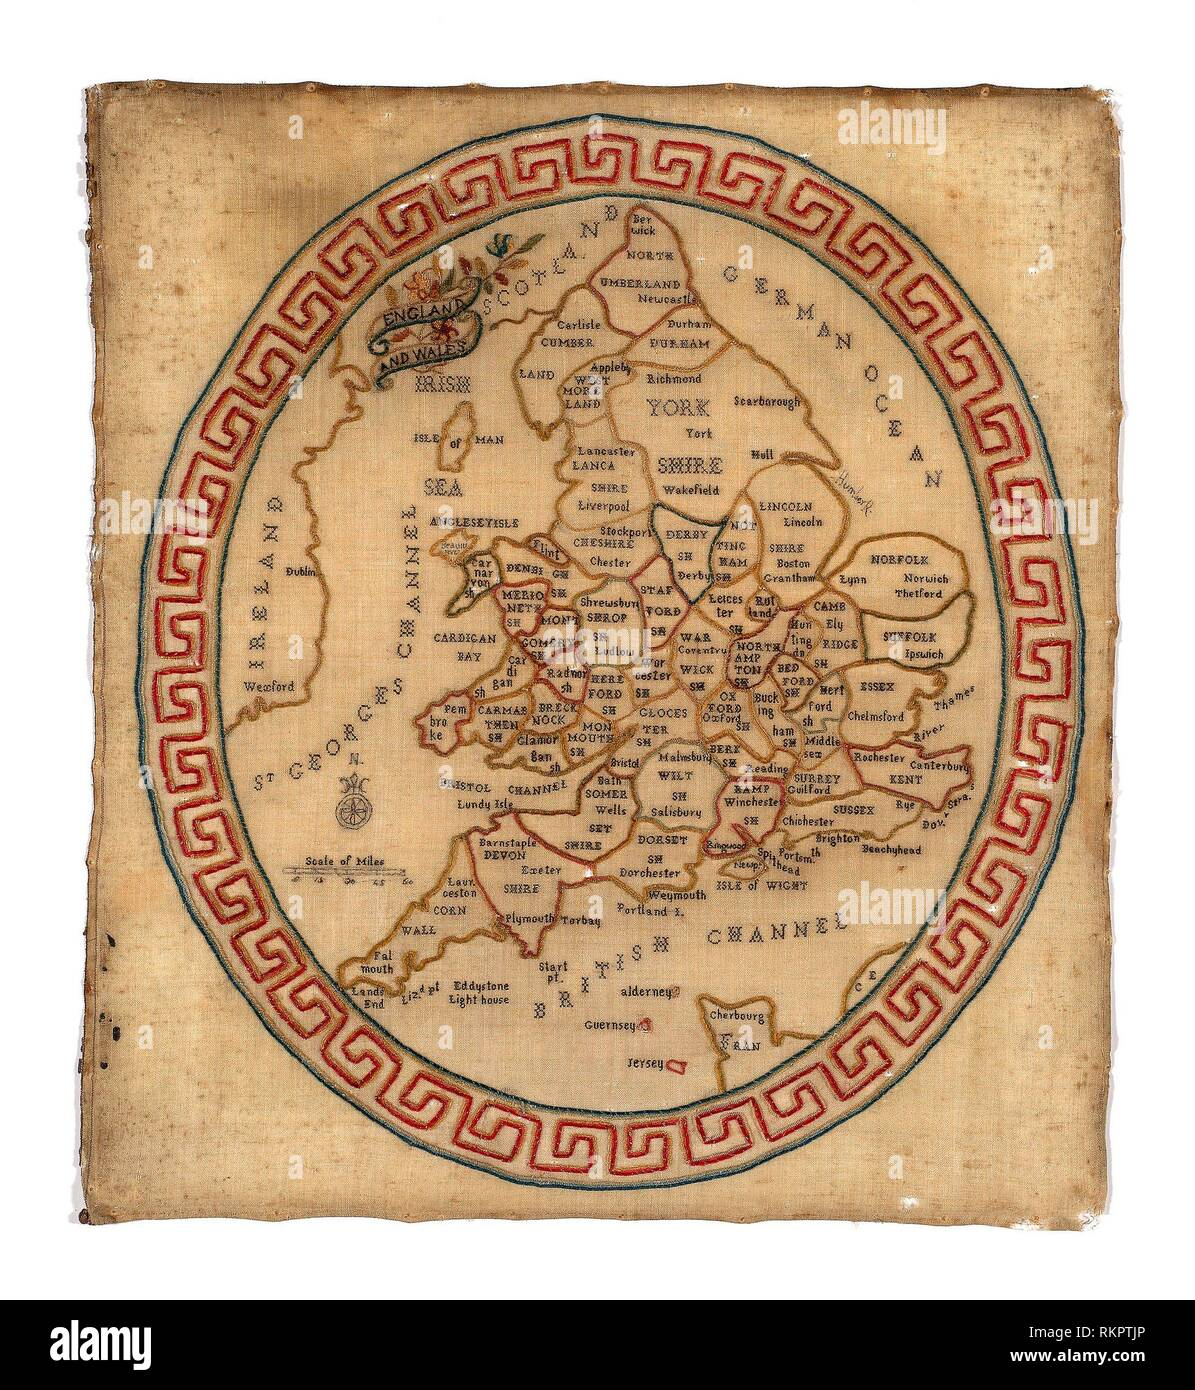 Map Of England 1800.Map Sampler C 1800 England Origin England Date 1790 1810